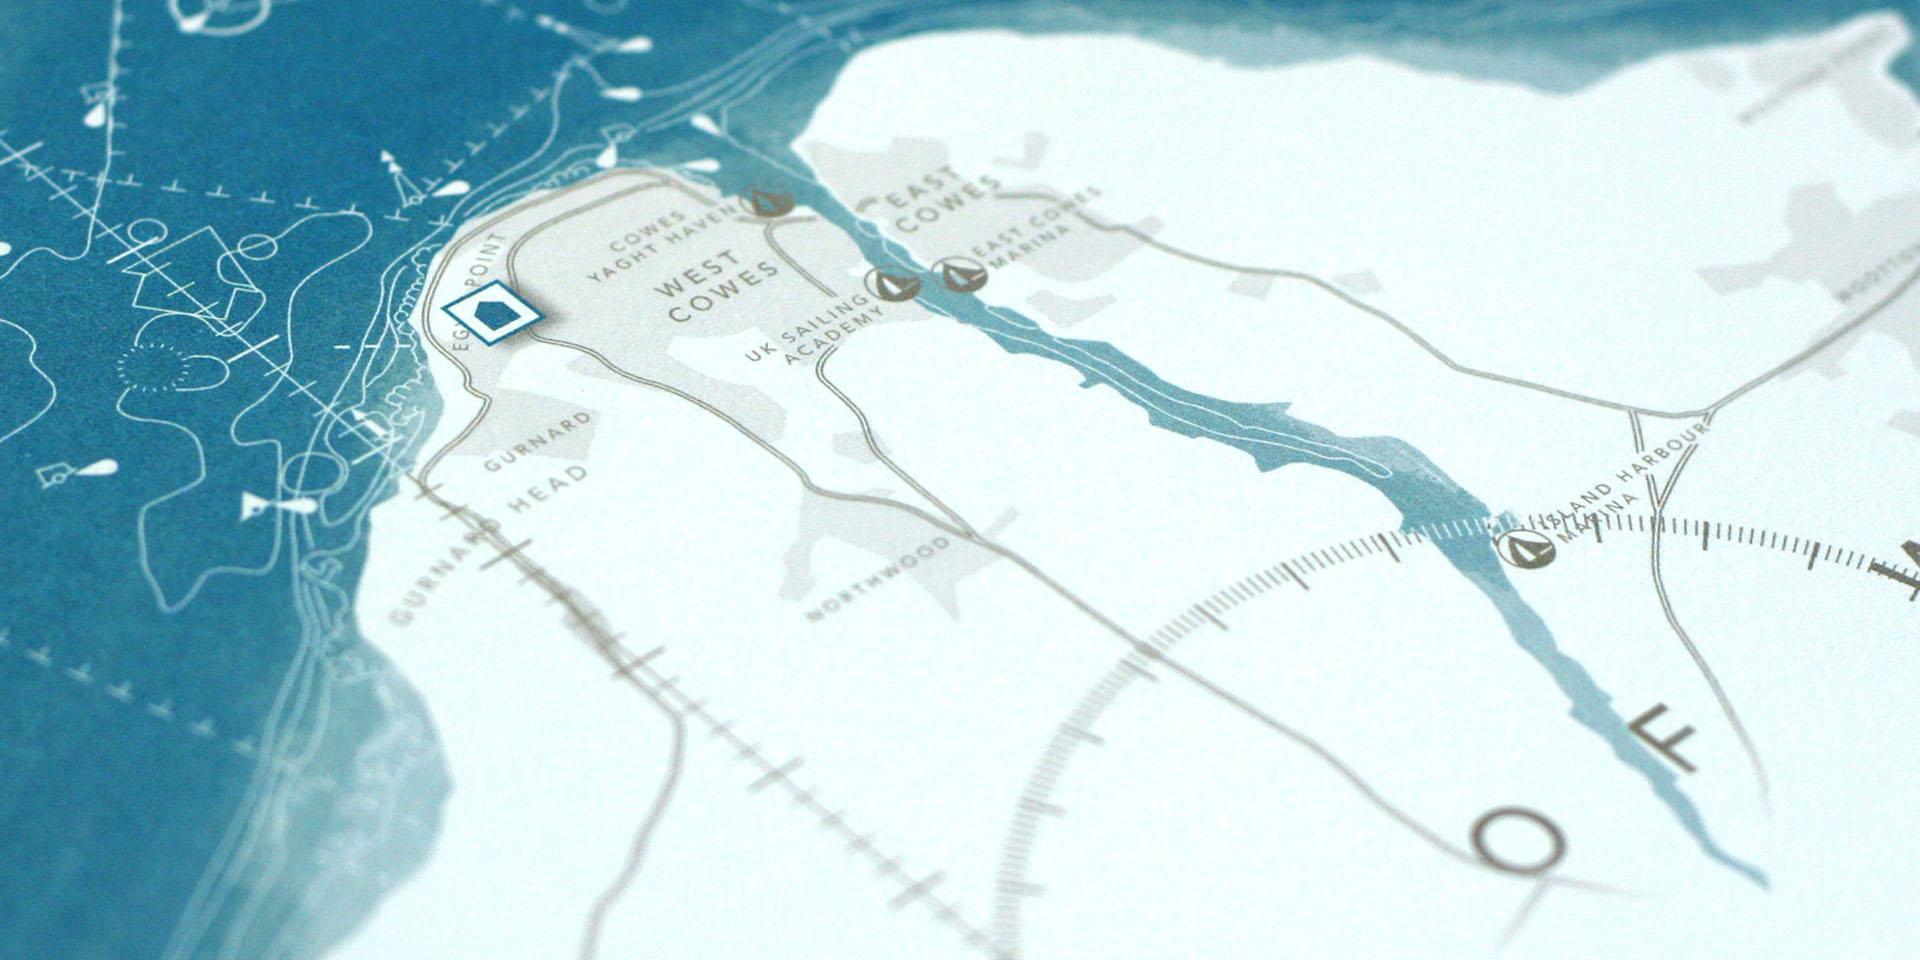 Solent Living Map